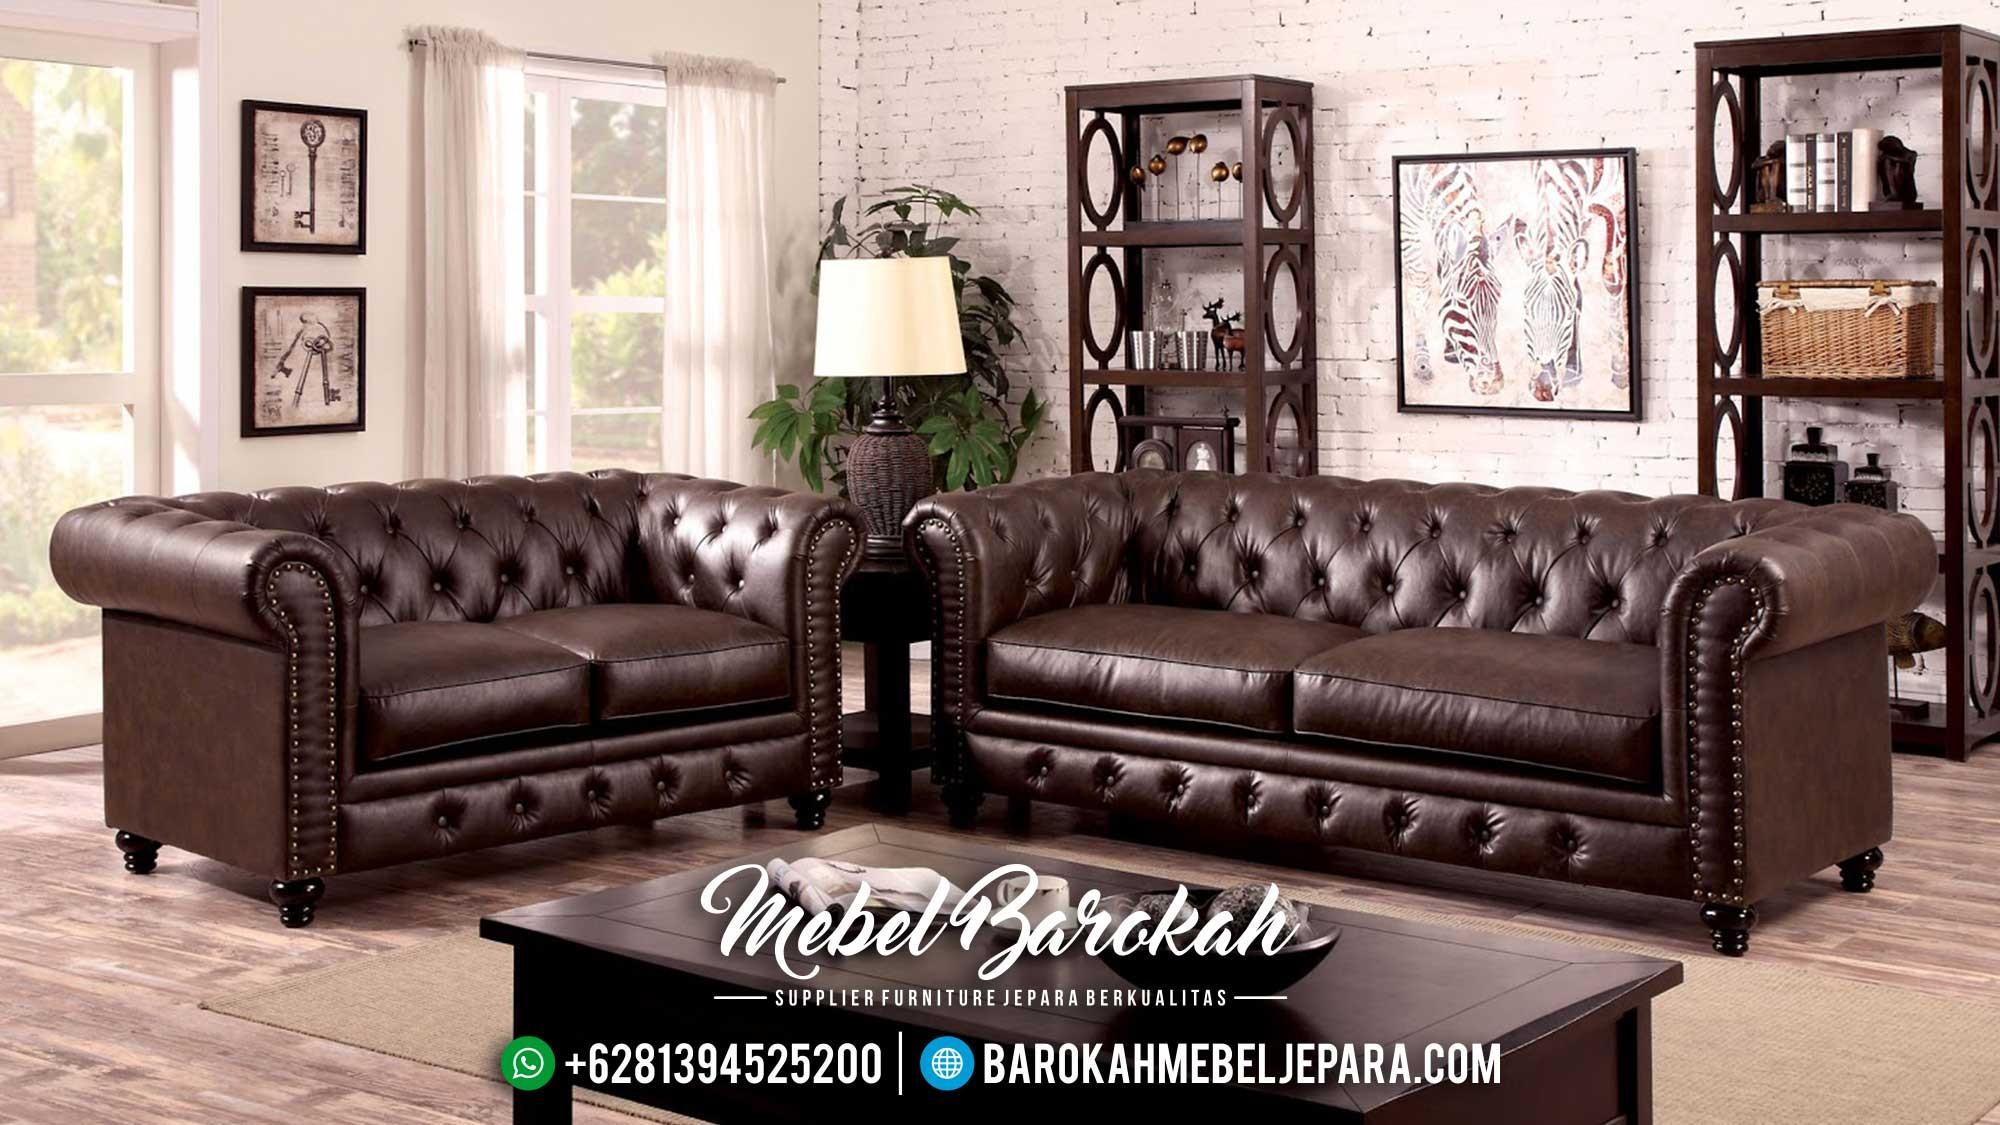 Wallpaper Ruang Tamu Minimalis Mewah Sofa Jati Modern - Stanford Sofa - HD Wallpaper